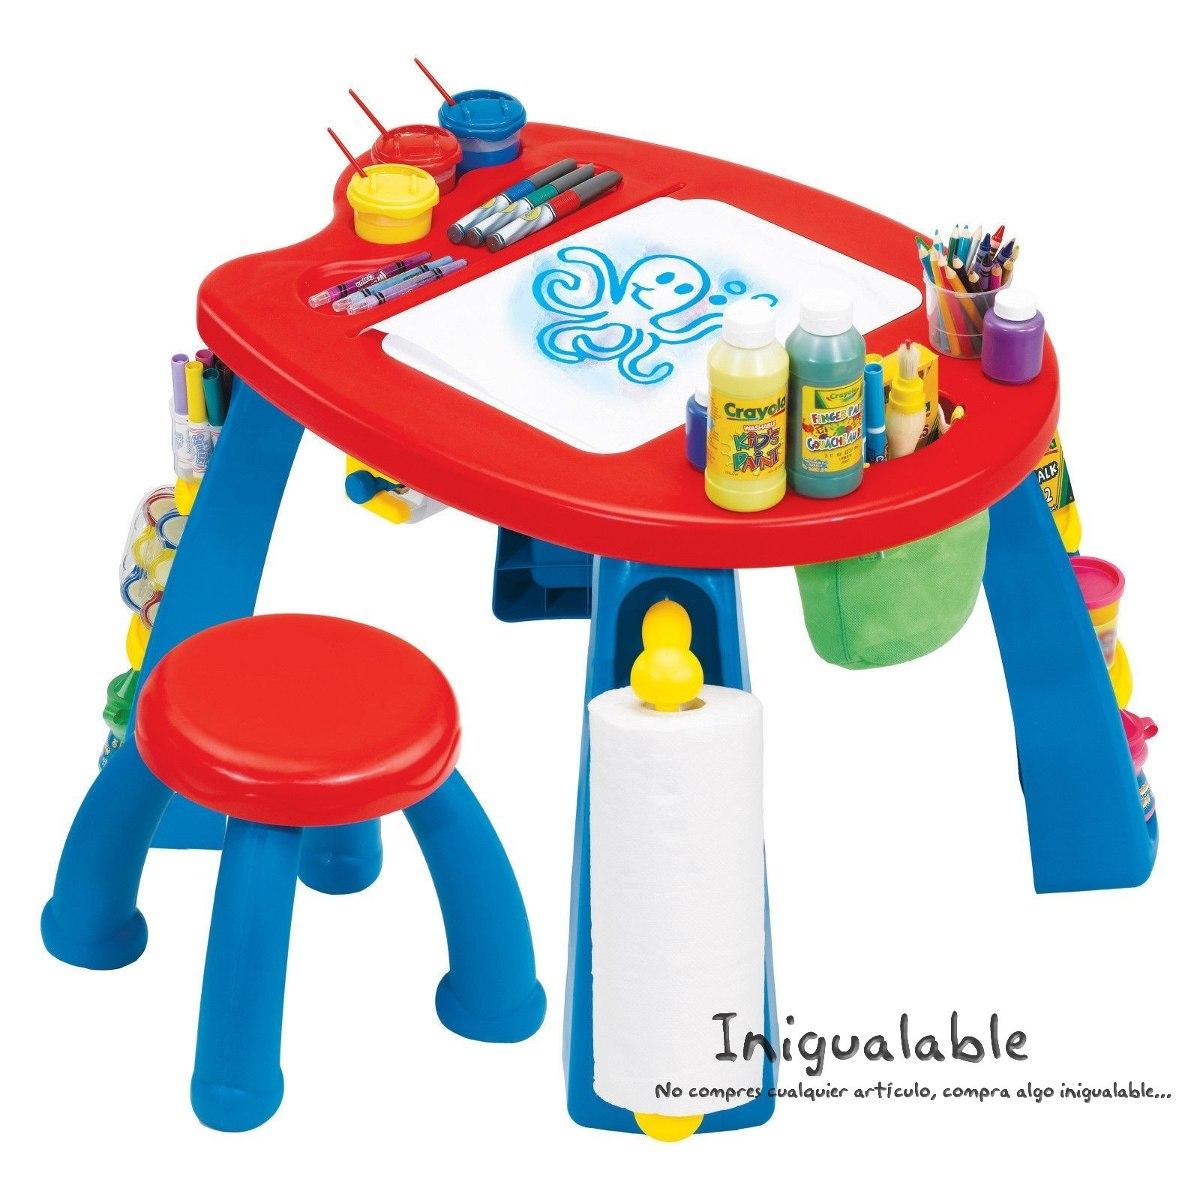 Escritorio con mesa y sillas para ni os crayola 2 300 for Mesa y sillas ninos